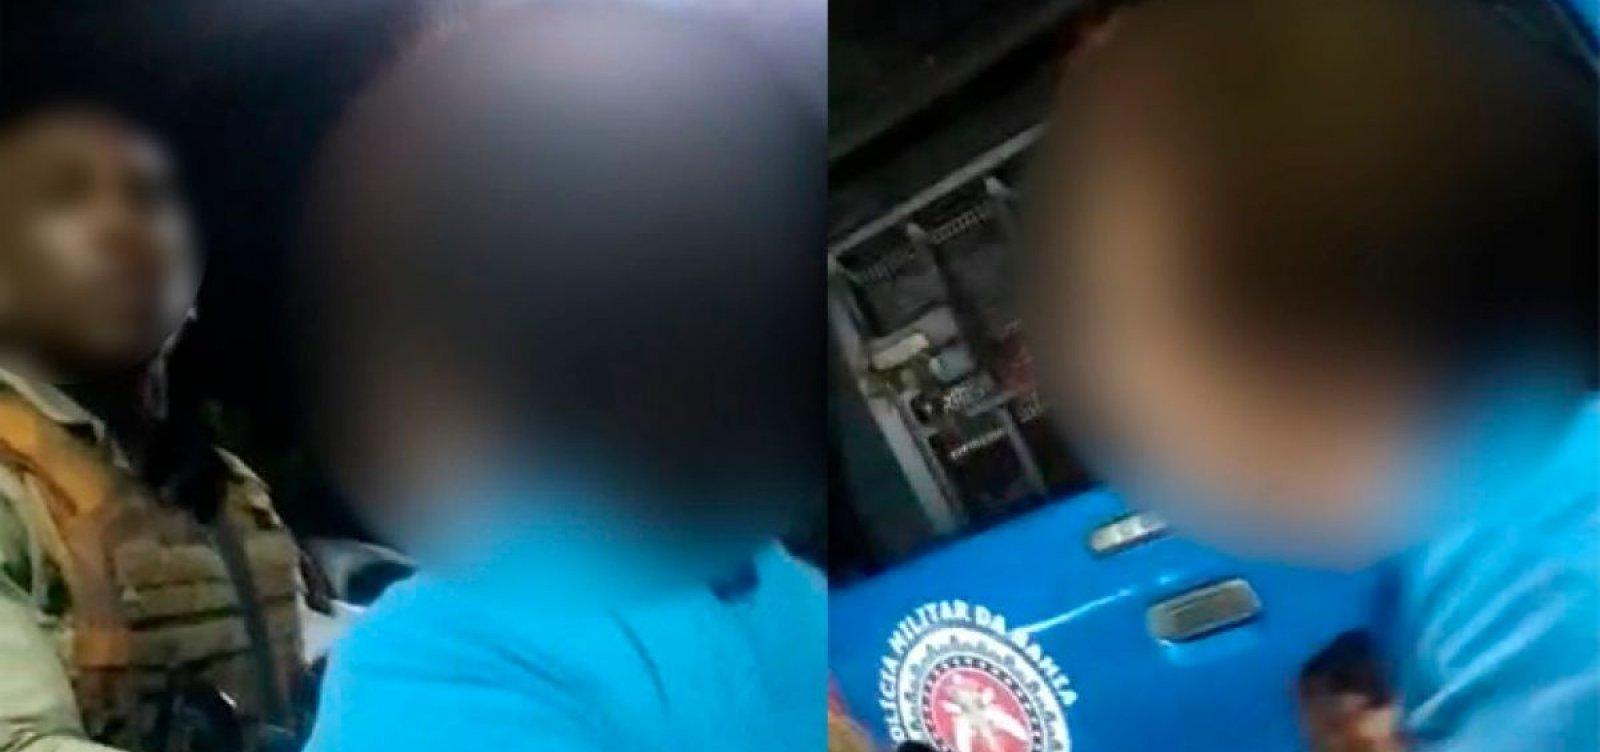 [PGE entra com ação no MP-BA contra mulher que chamou polical de 'macaco']